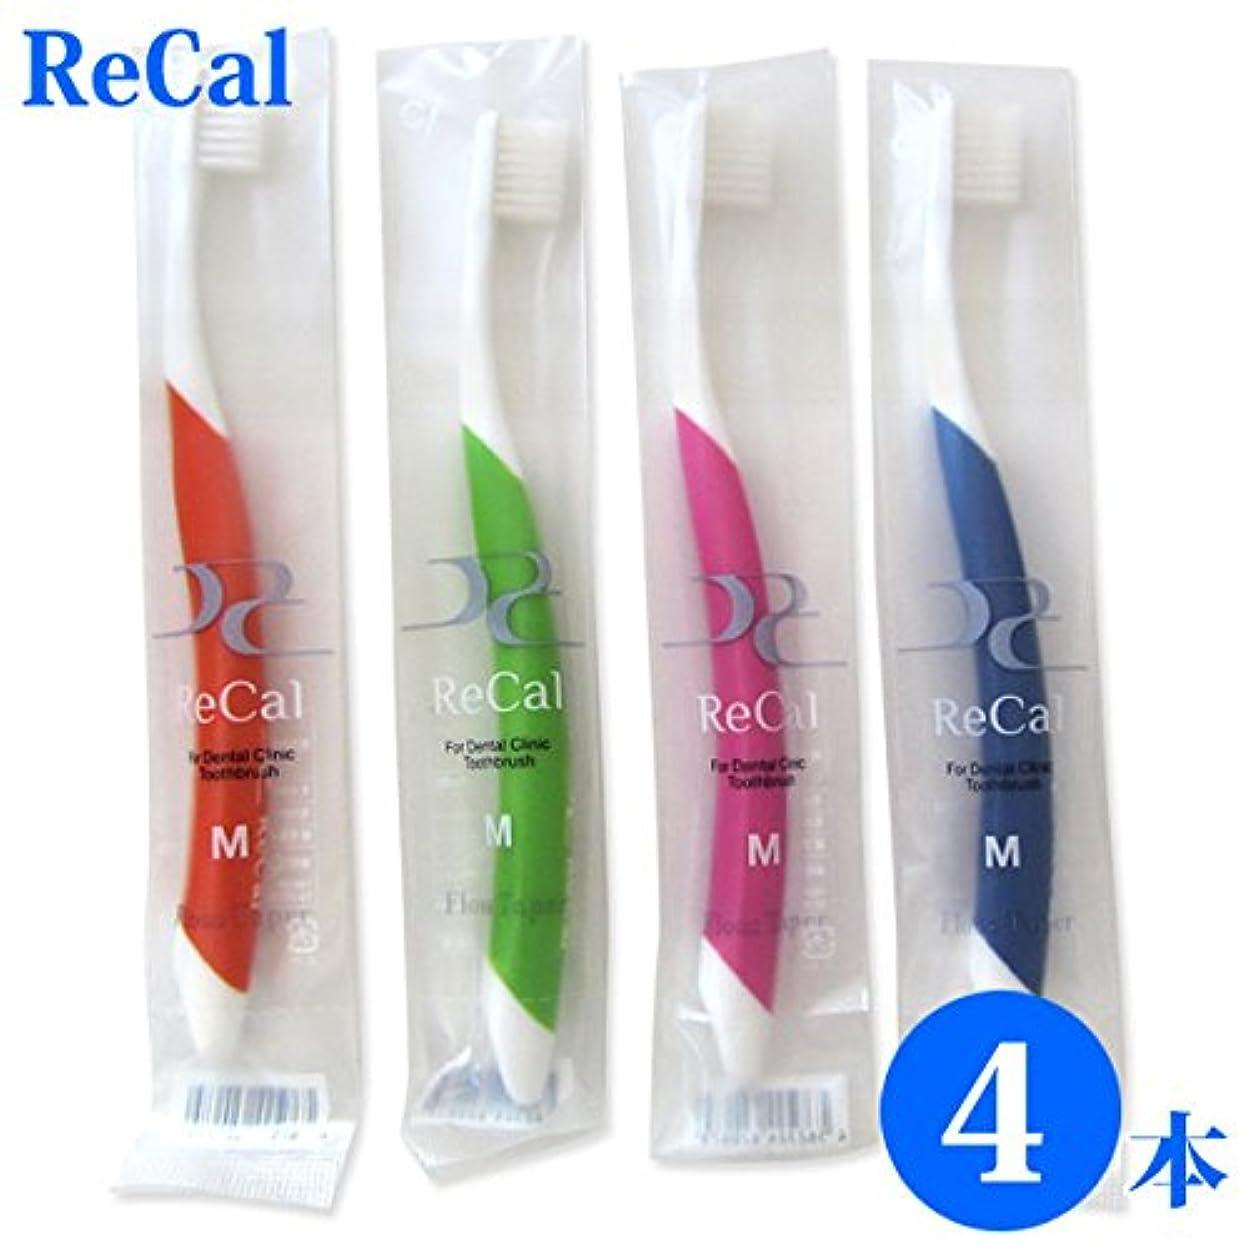 崇拝します高潔な暴露するリカル 4色セット 歯科医院専用商品 ReCal リカル M 大人用 一般 歯ブラシ4本 場合20本ま